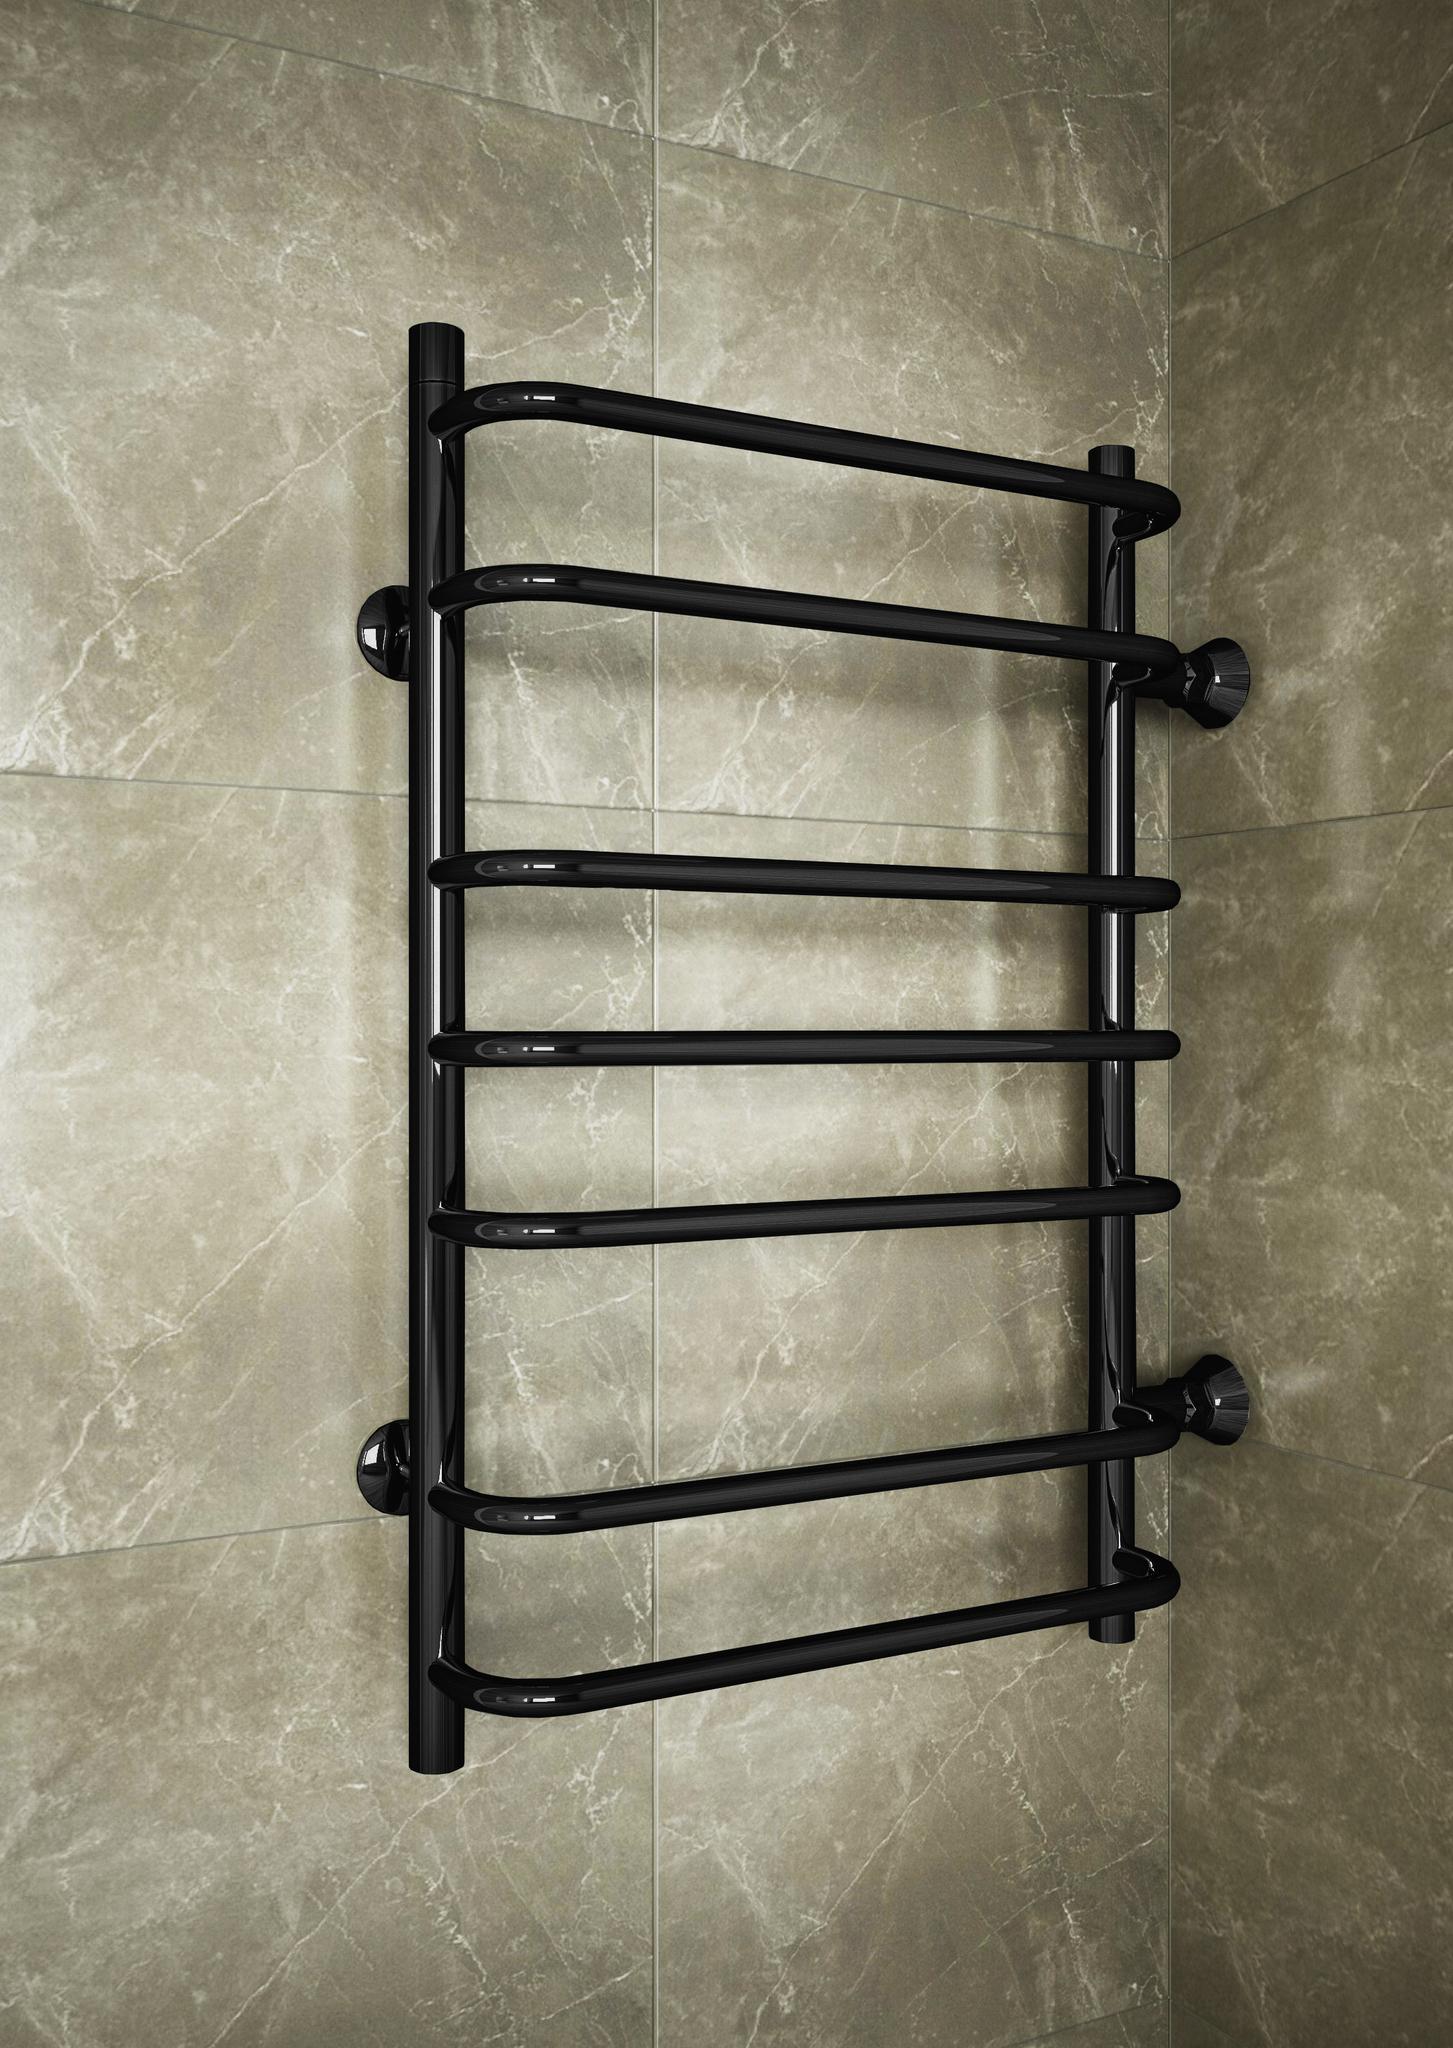 Standart  Black - водяной полотенцесушитель с боковым подключением черного цвета.